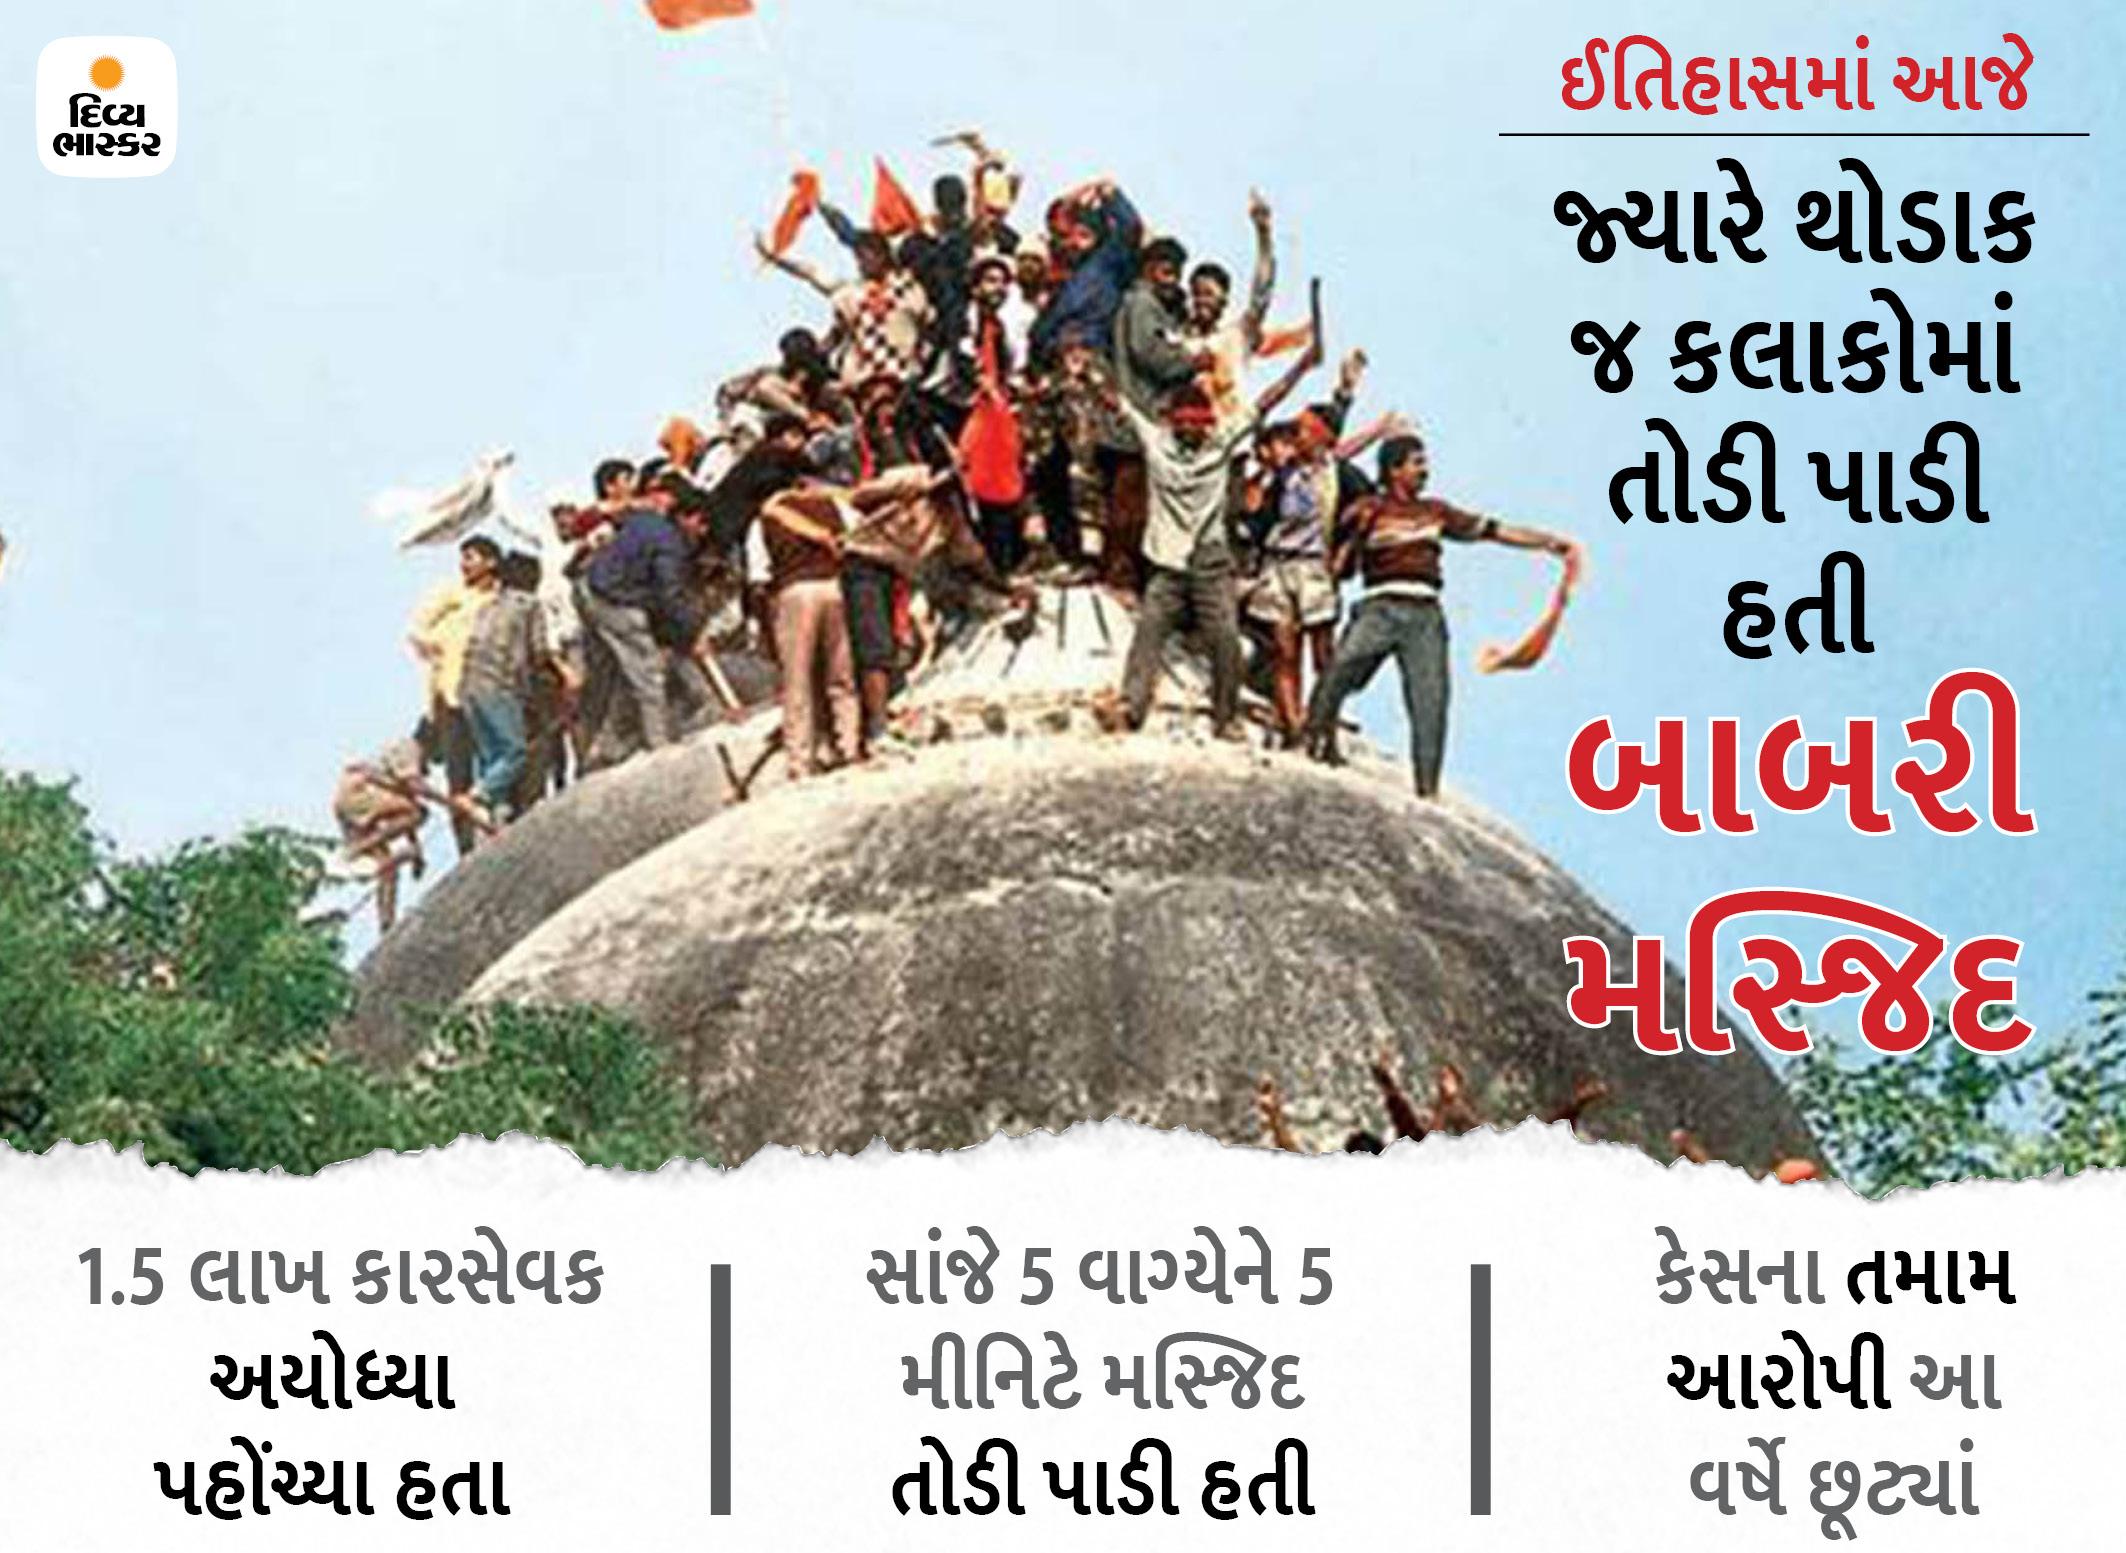 5 કલાકમાં જ બાબરી મસ્જિદનો વિવાદીત ઢાંચો તોડી પાડ્યો હતો, ત્યારપછી રમખાણમાં 2 હજાર લોકોના મોત થયા હતા|ઈન્ડિયા,National - Divya Bhaskar